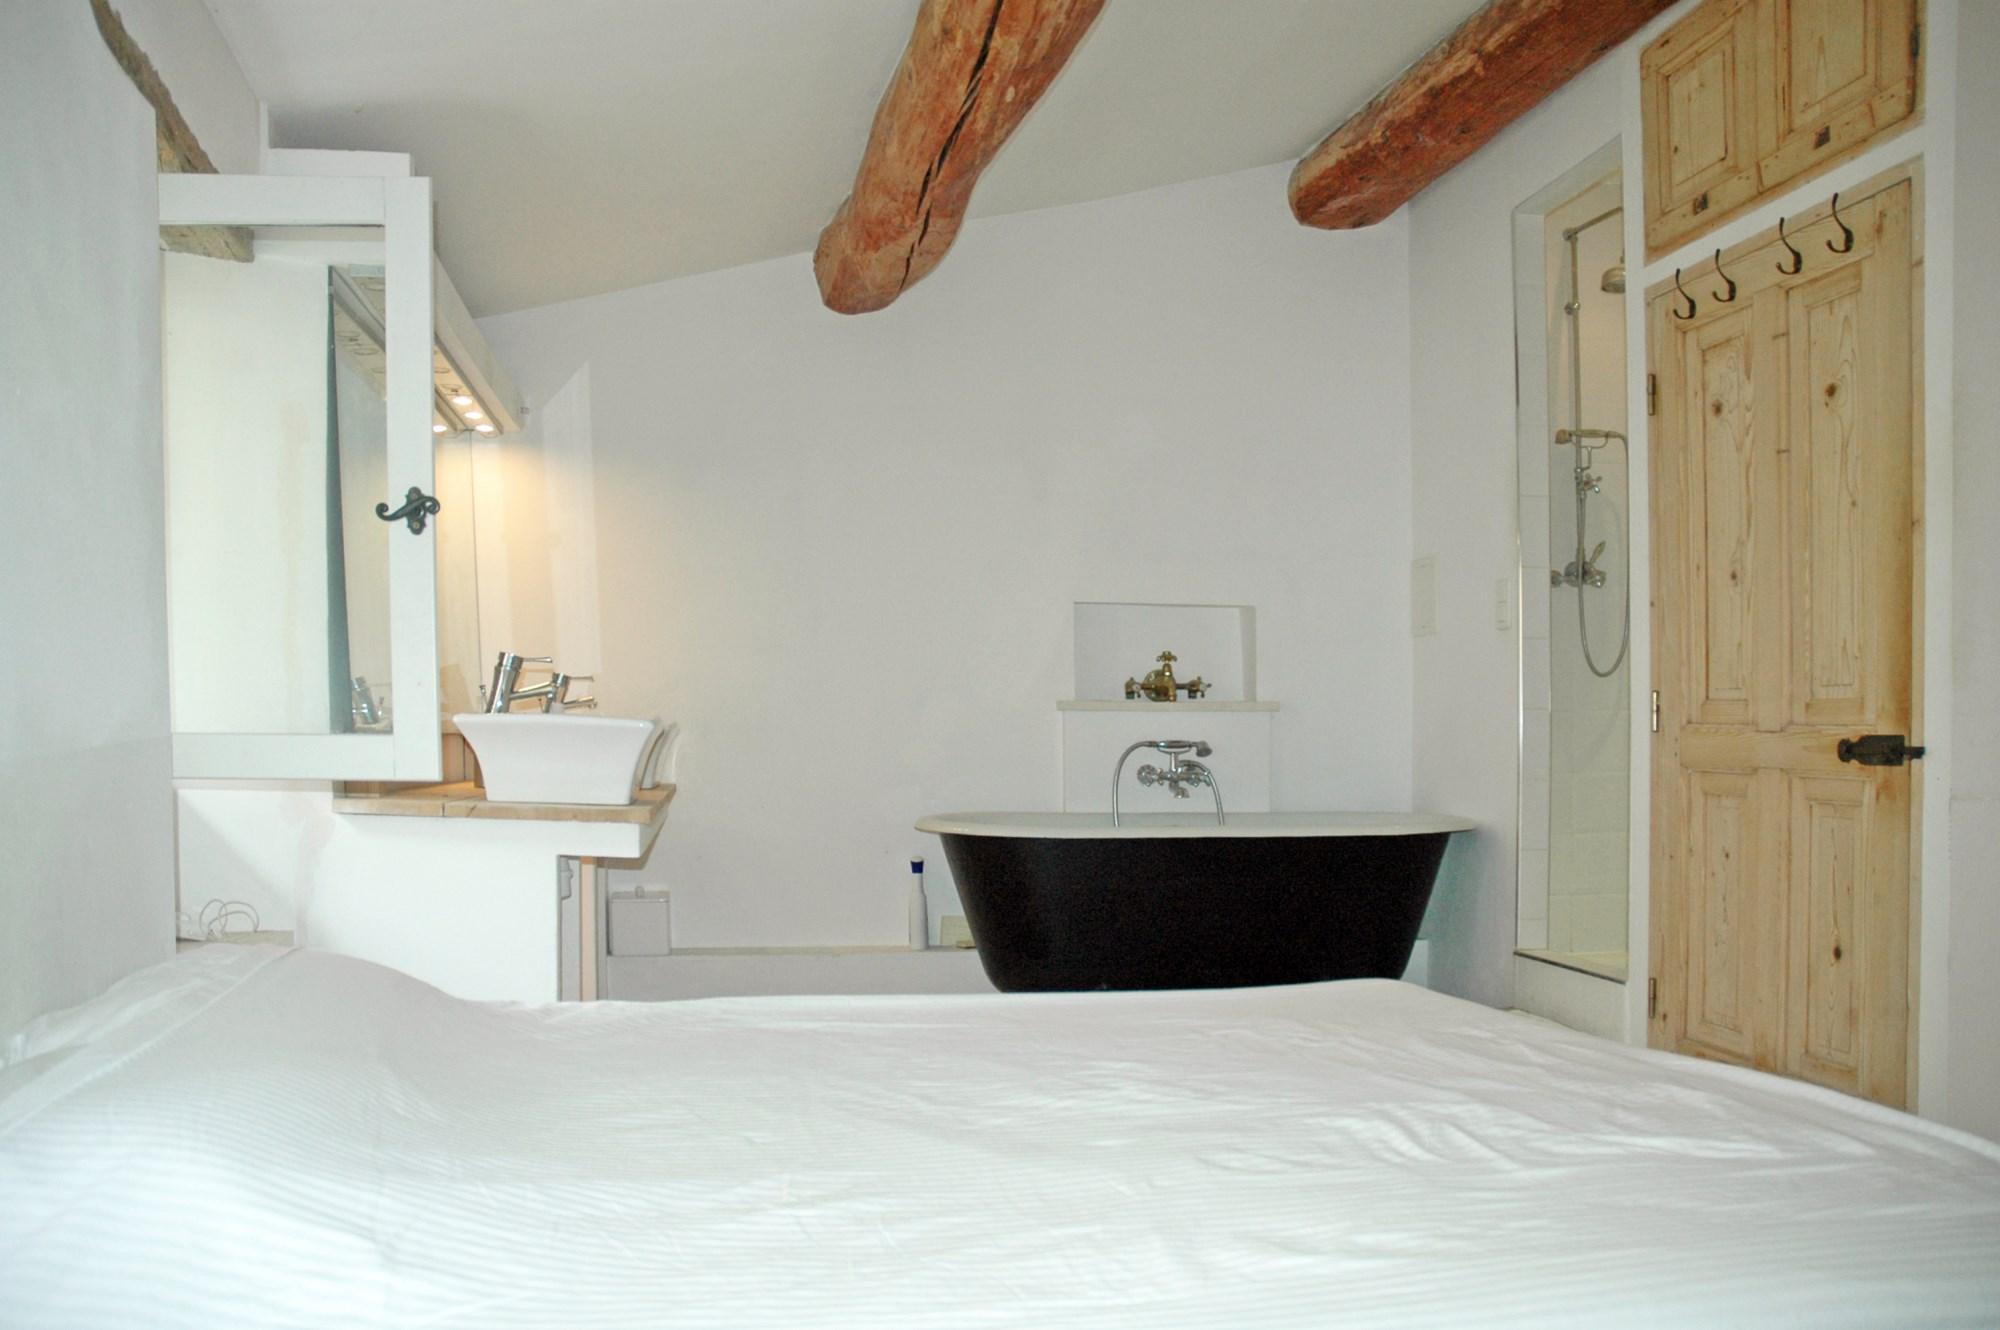 A vendre en Luberon,  jolie maison de village avec balcon rénovée